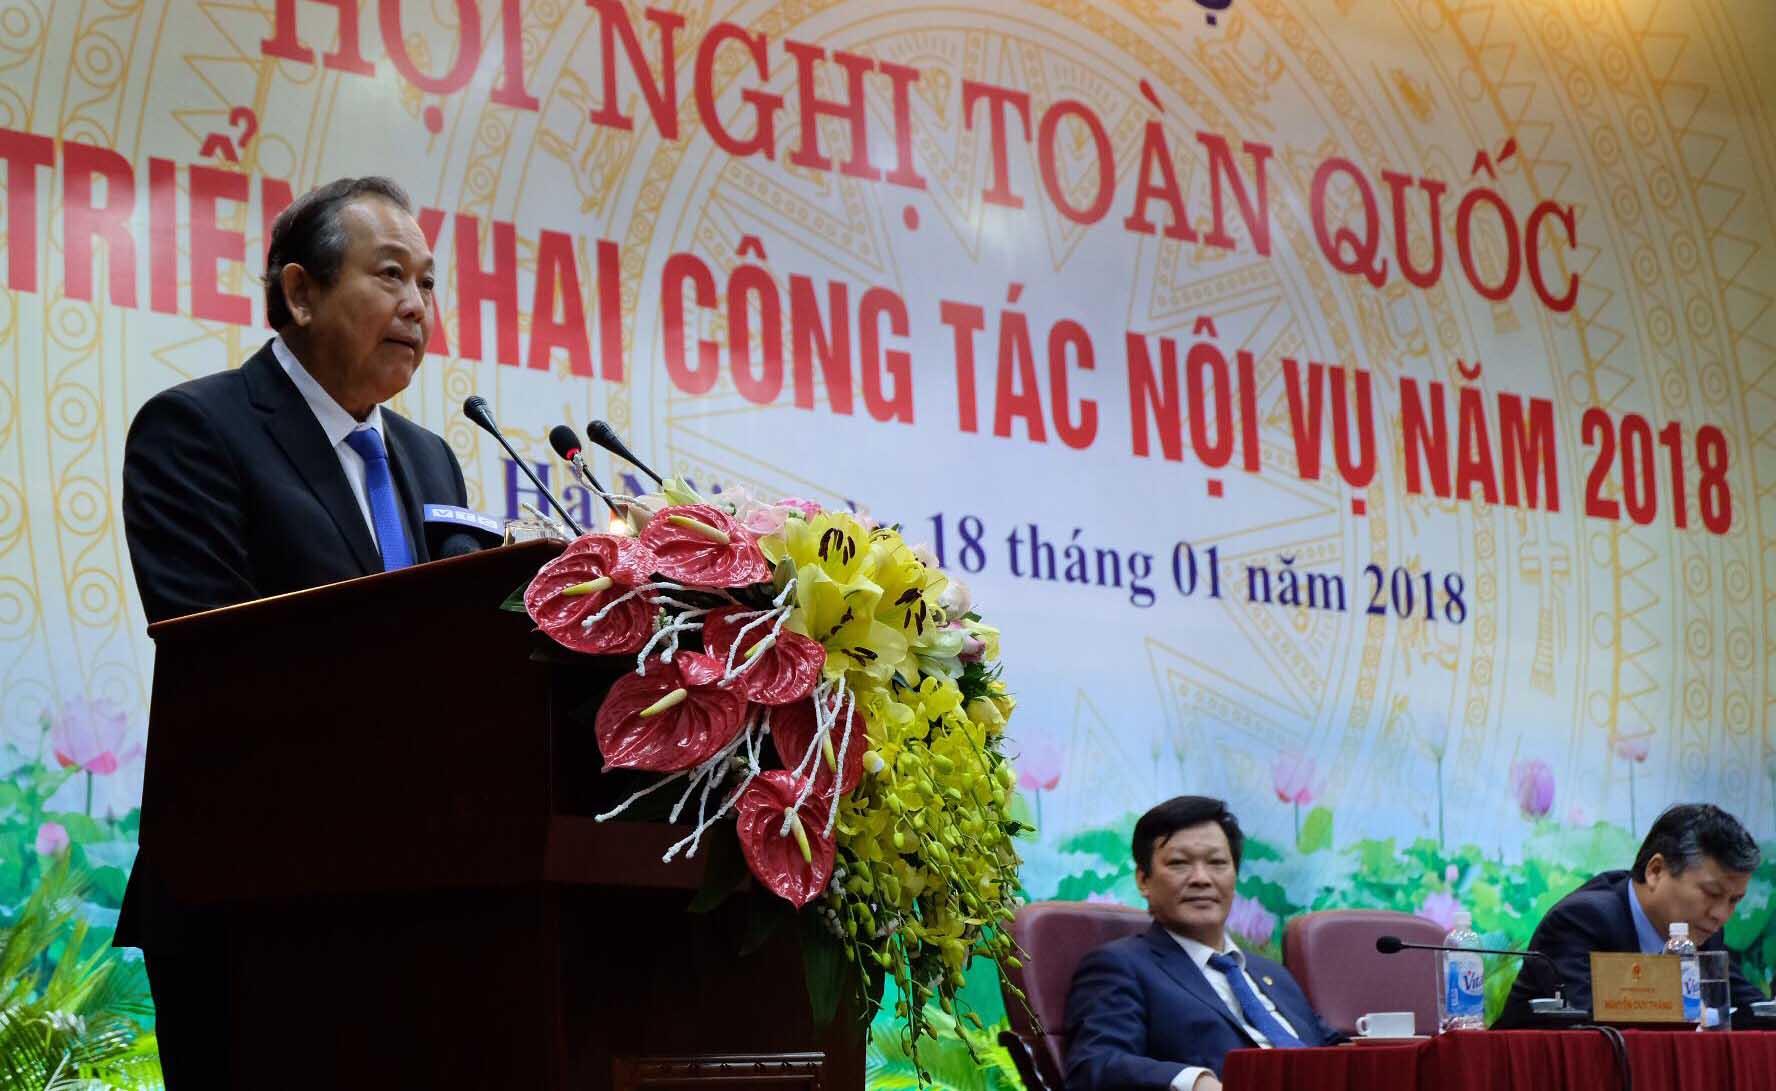 Phó Thủ tướng: Tăng cường thanh tra việc bổ nhiệm